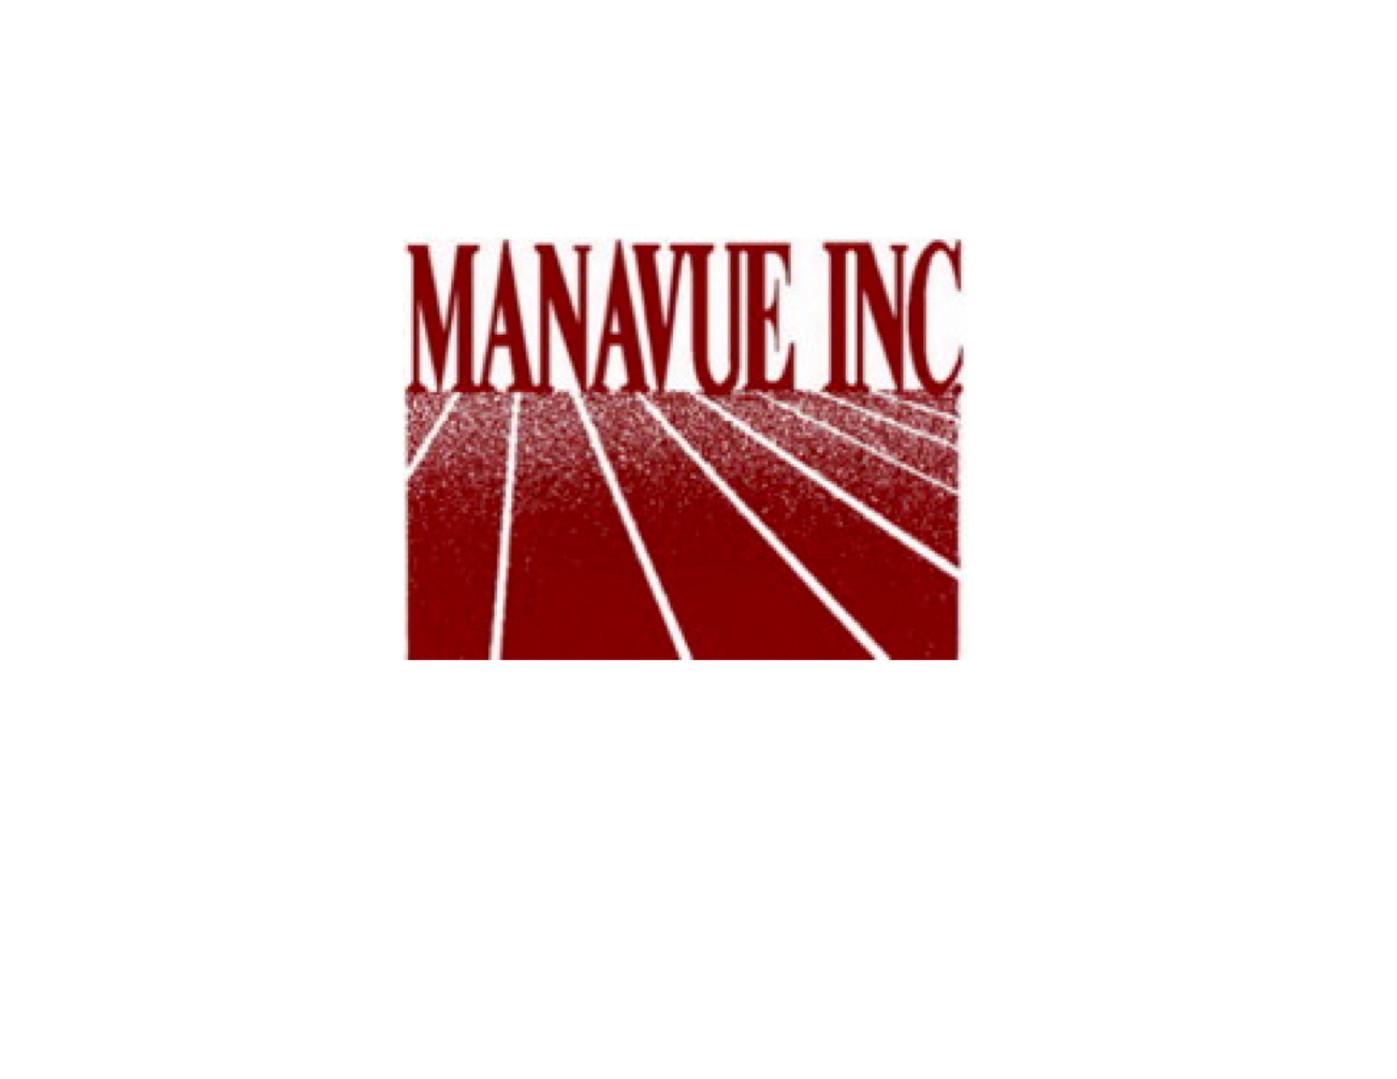 Manavue Inc.jpg